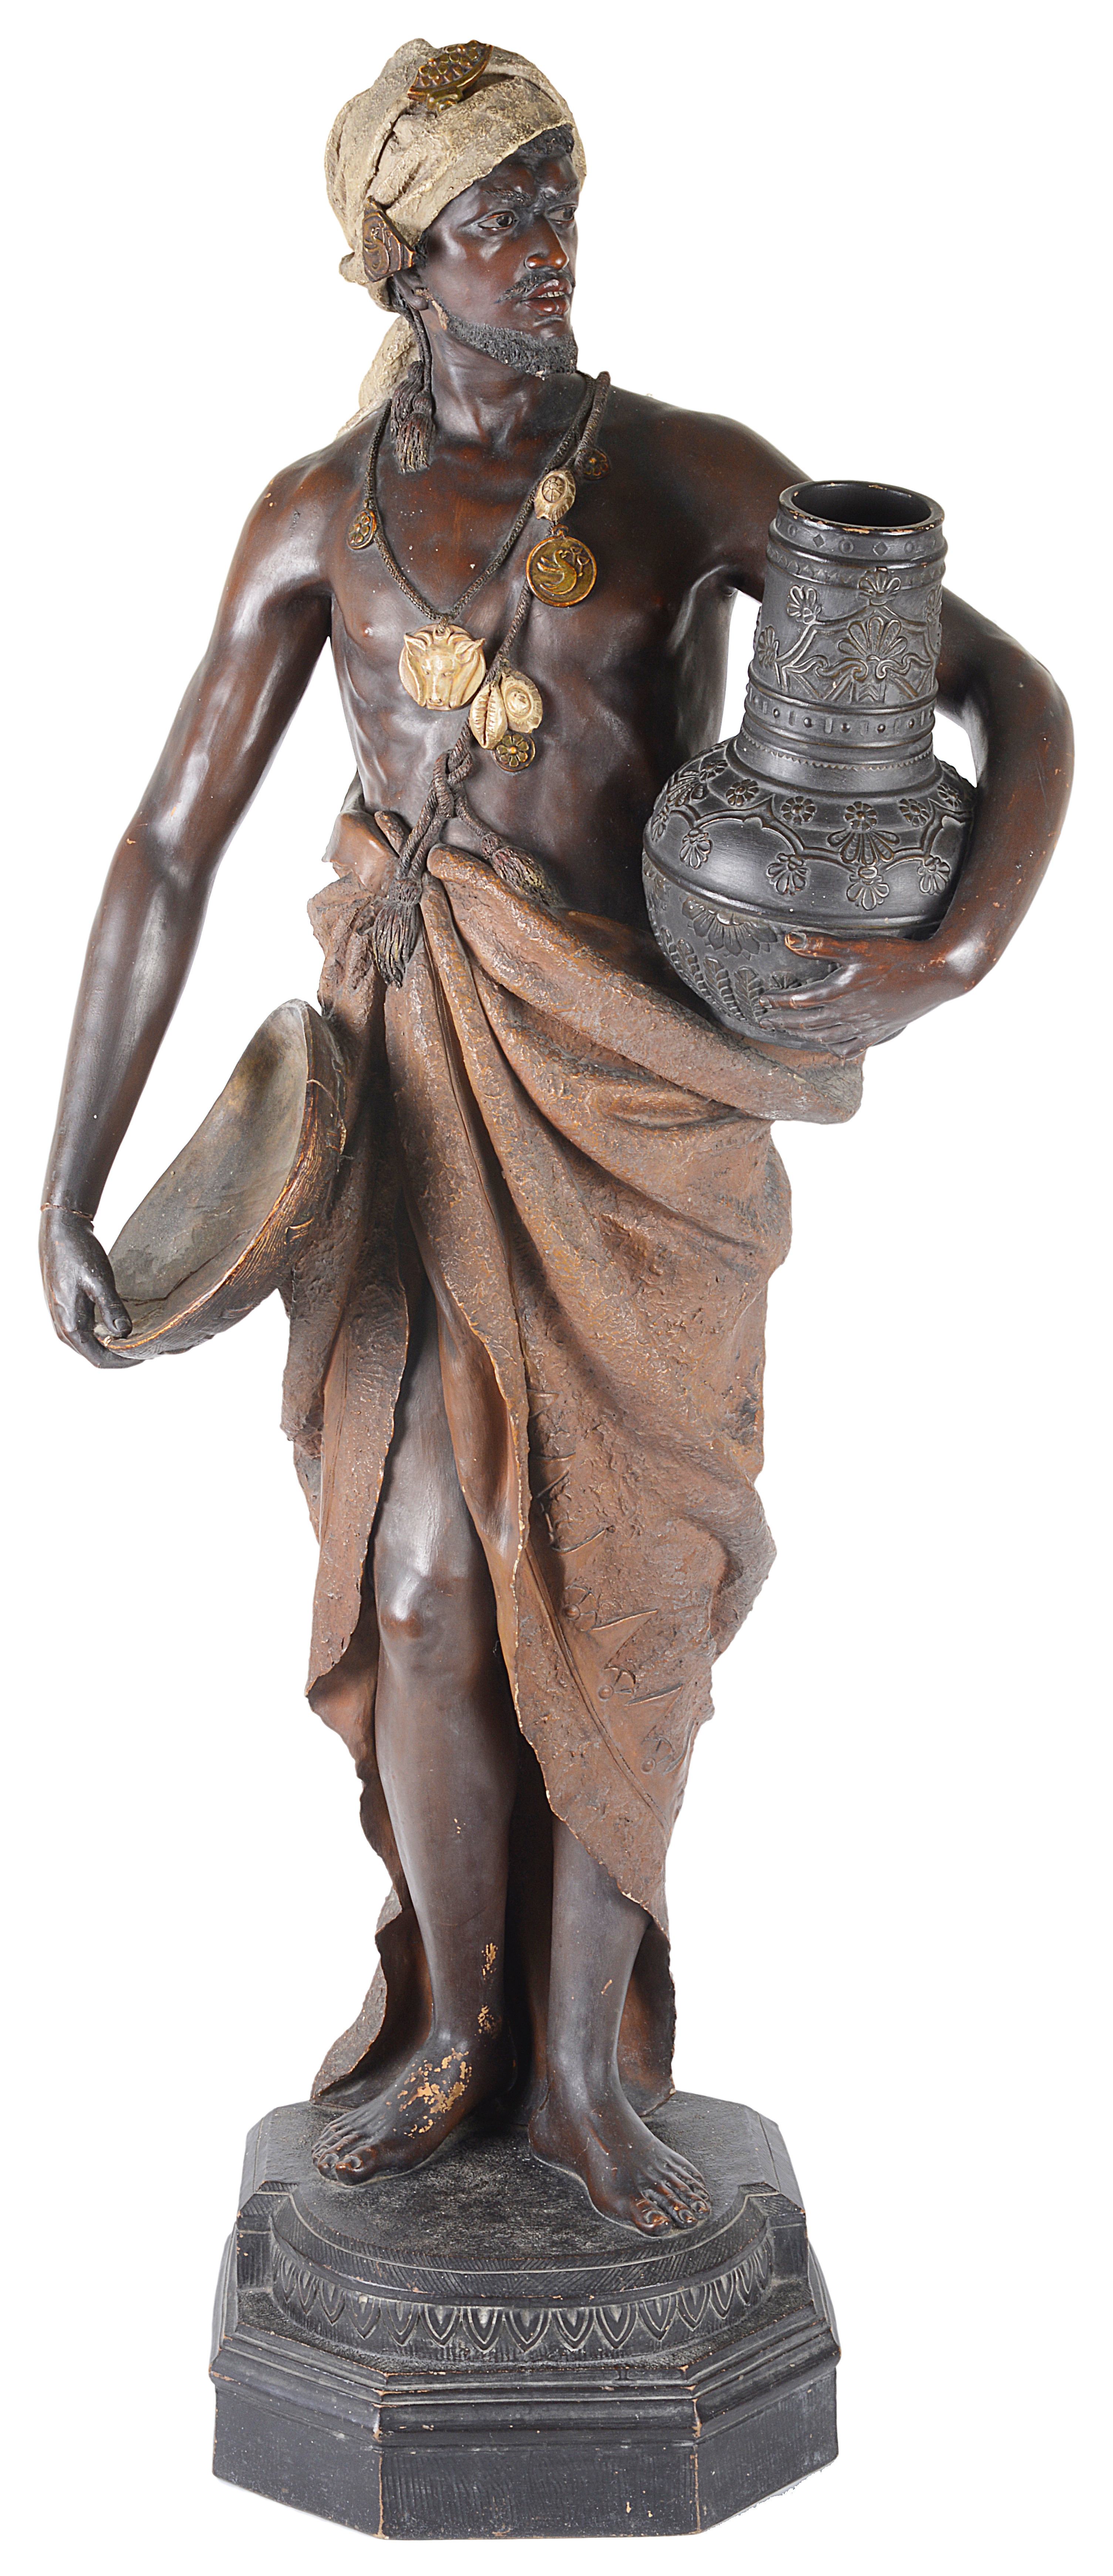 Lot 9 - An Austrian terracotta figure by Johann Maresch in Goldscheider style, late 19th/early 20th century